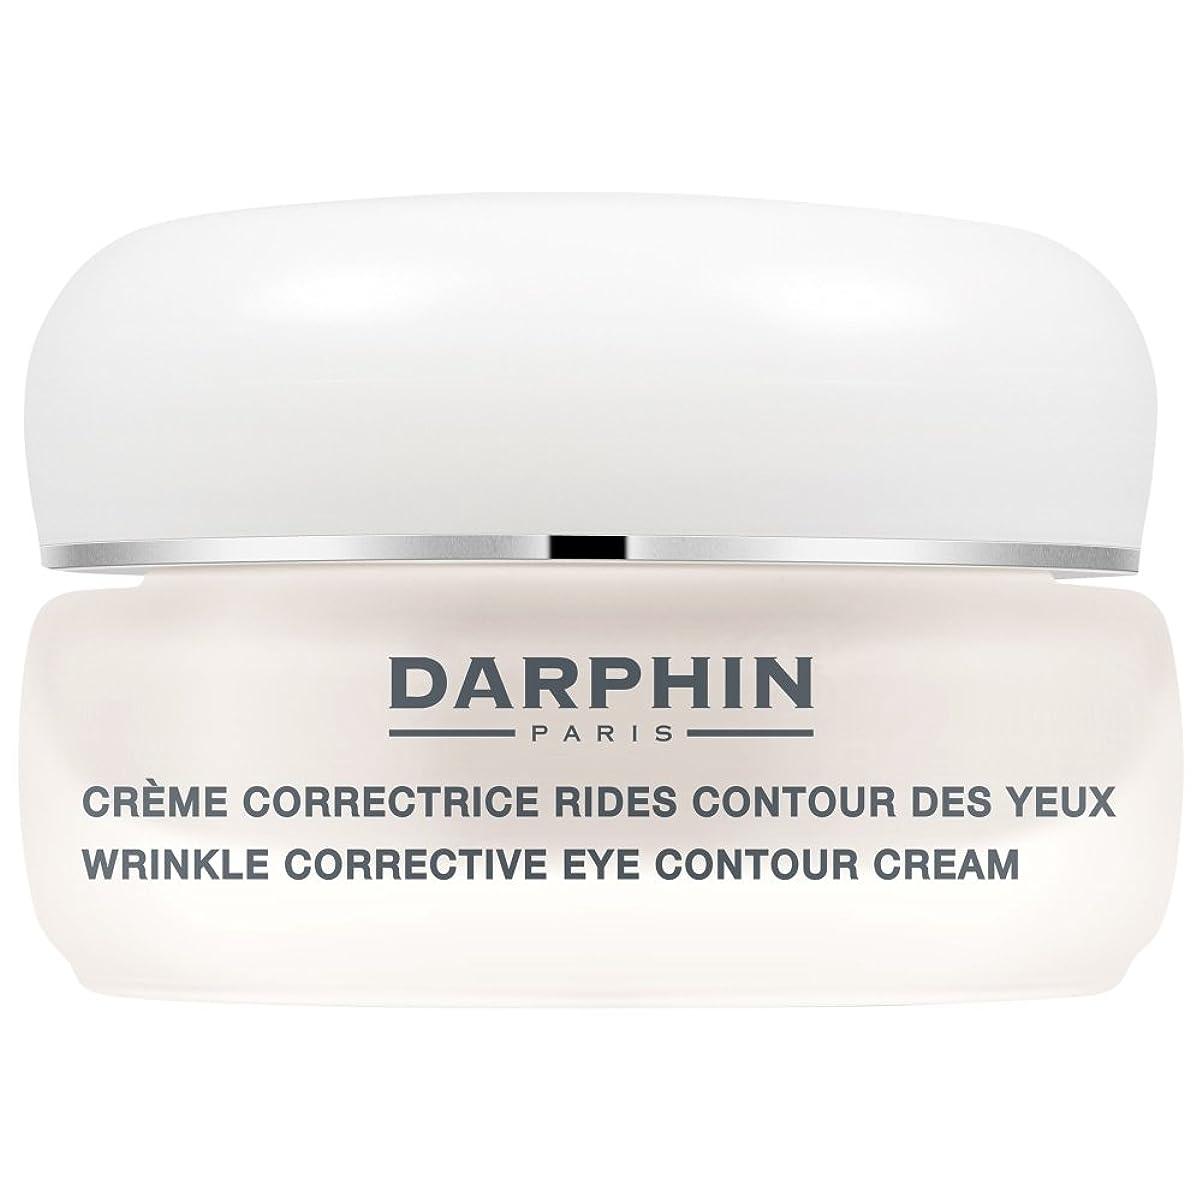 大聖堂解釈的フェザーダルファンのシワ矯正アイ輪郭クリーム15ミリリットル (Darphin) (x2) - Darphin Wrinkle Corrective Eye Contour Cream 15ml (Pack of 2) [並行輸入品]